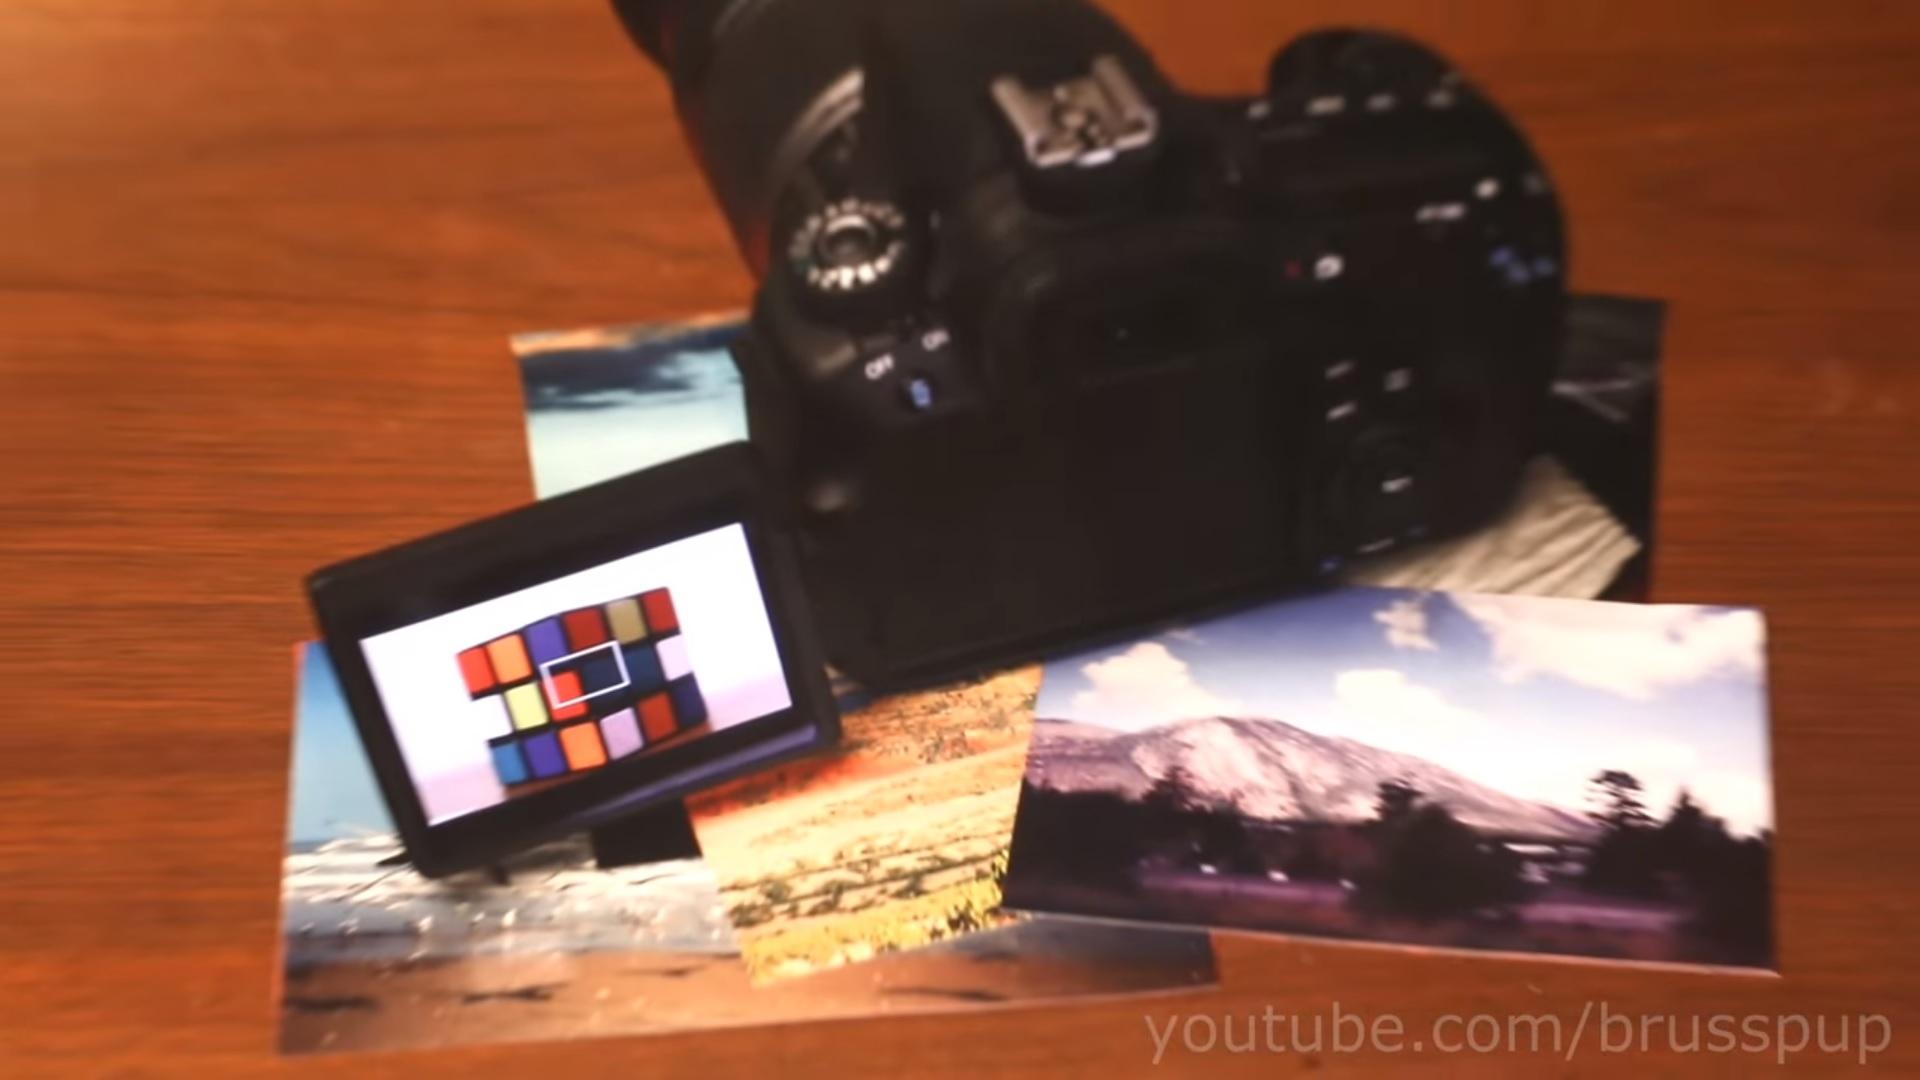 Ilusão de ótica - maquina fotográfica